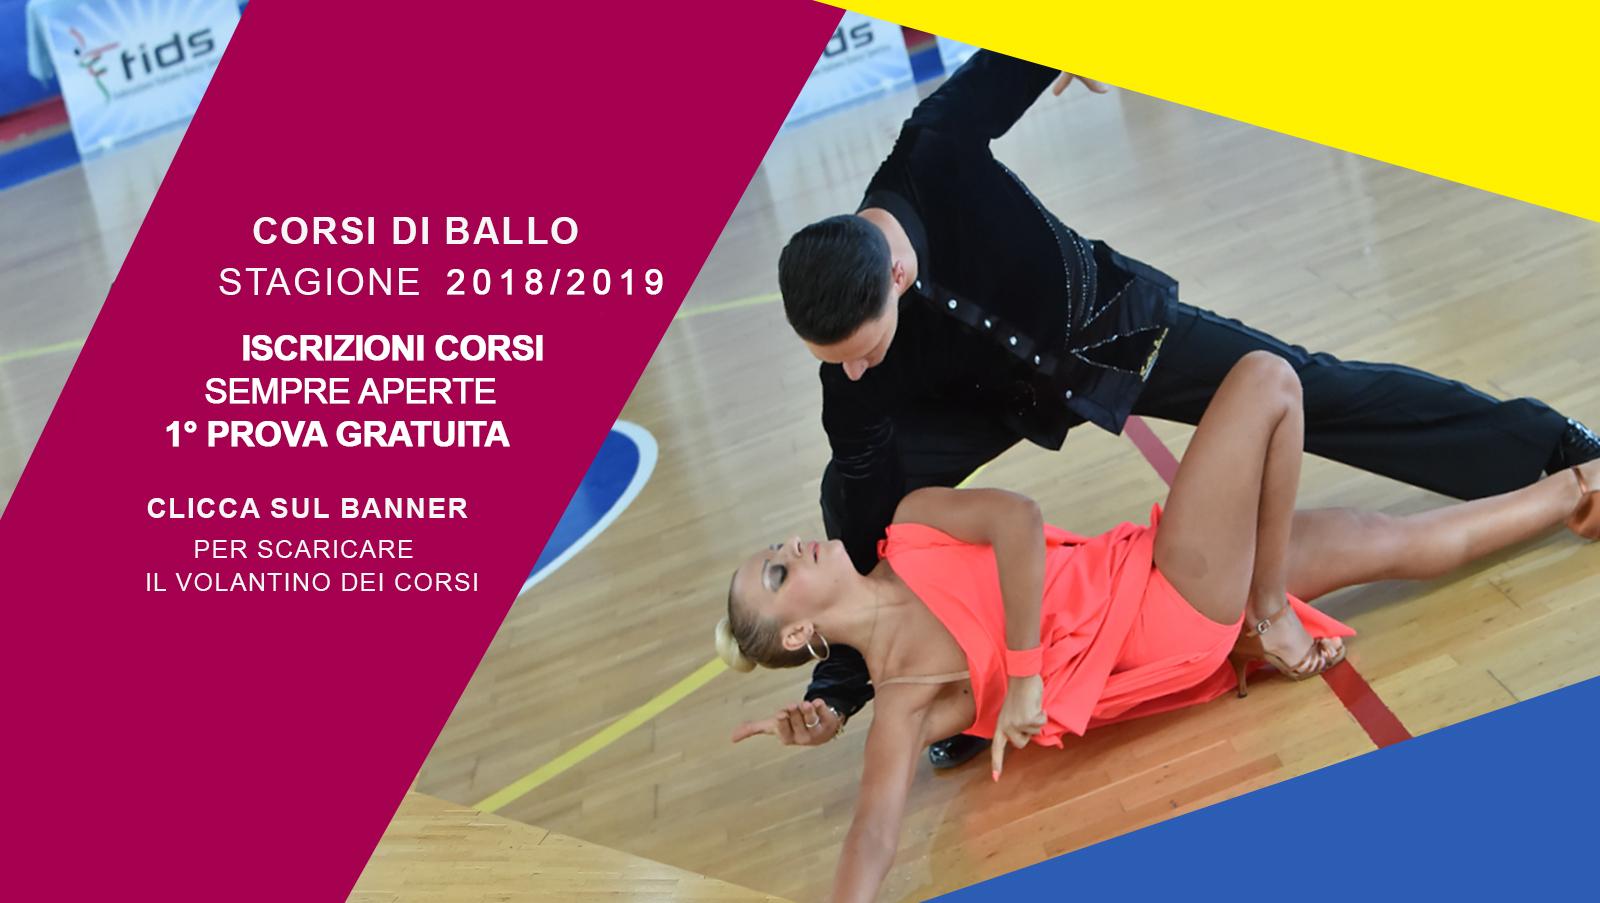 Corsi-di-ballo-dance-dance-dance-2018-2019